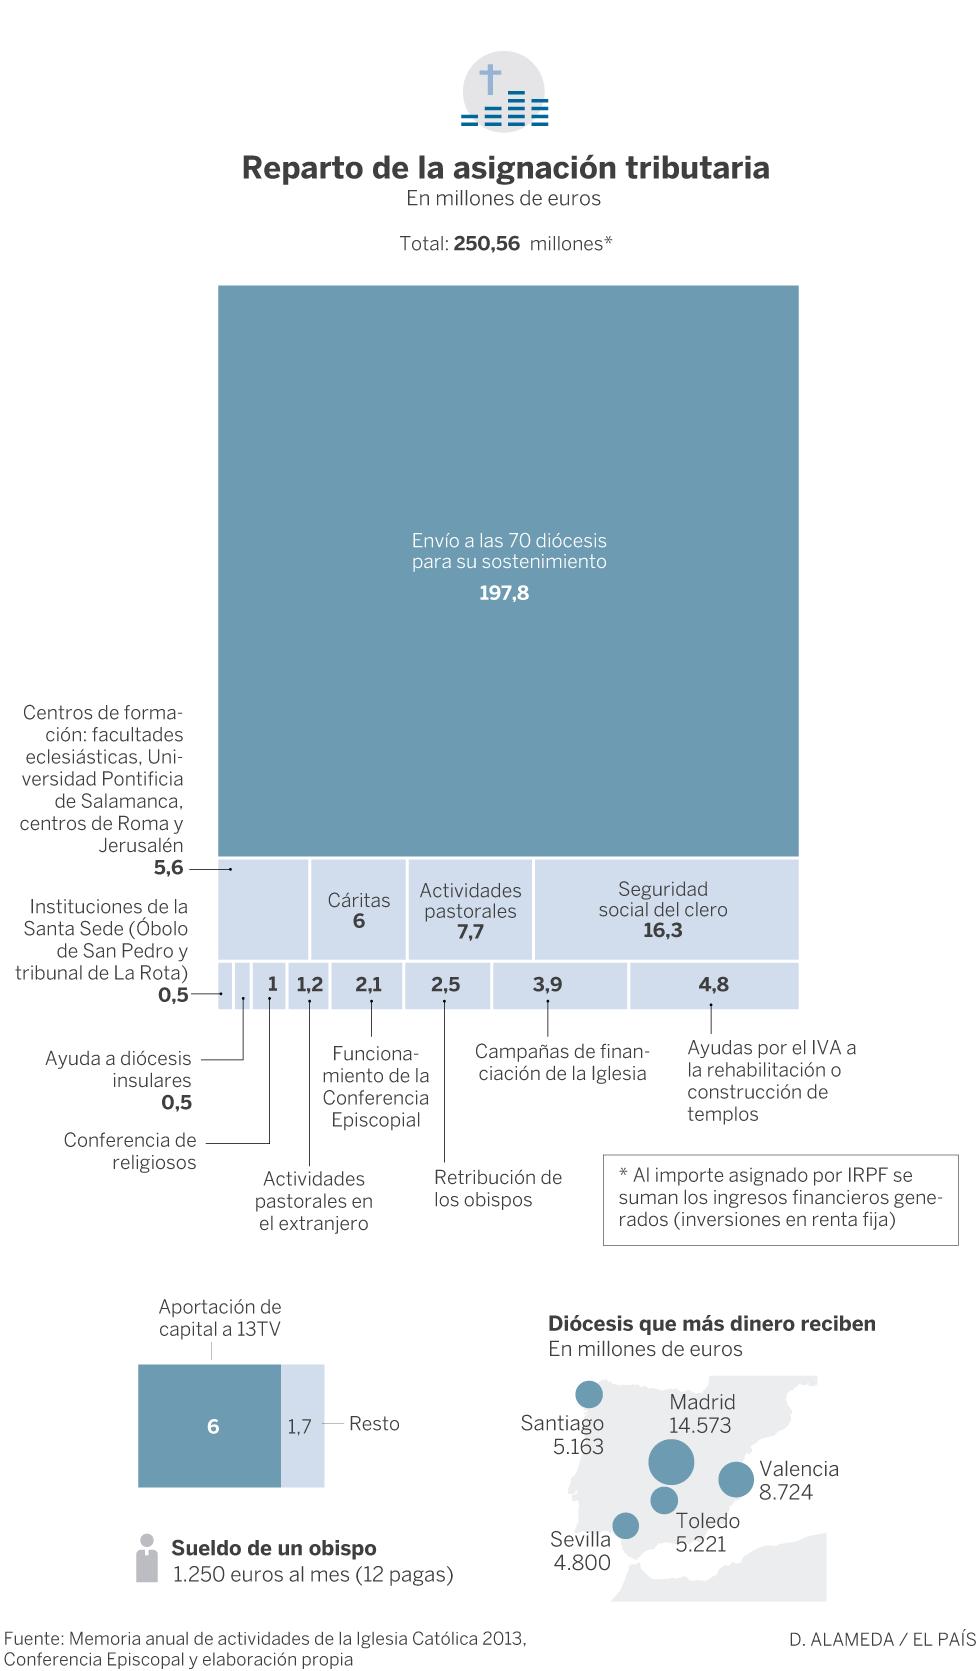 Gráfico acerca del reparto de la asignación a la Iglesia Católica en España